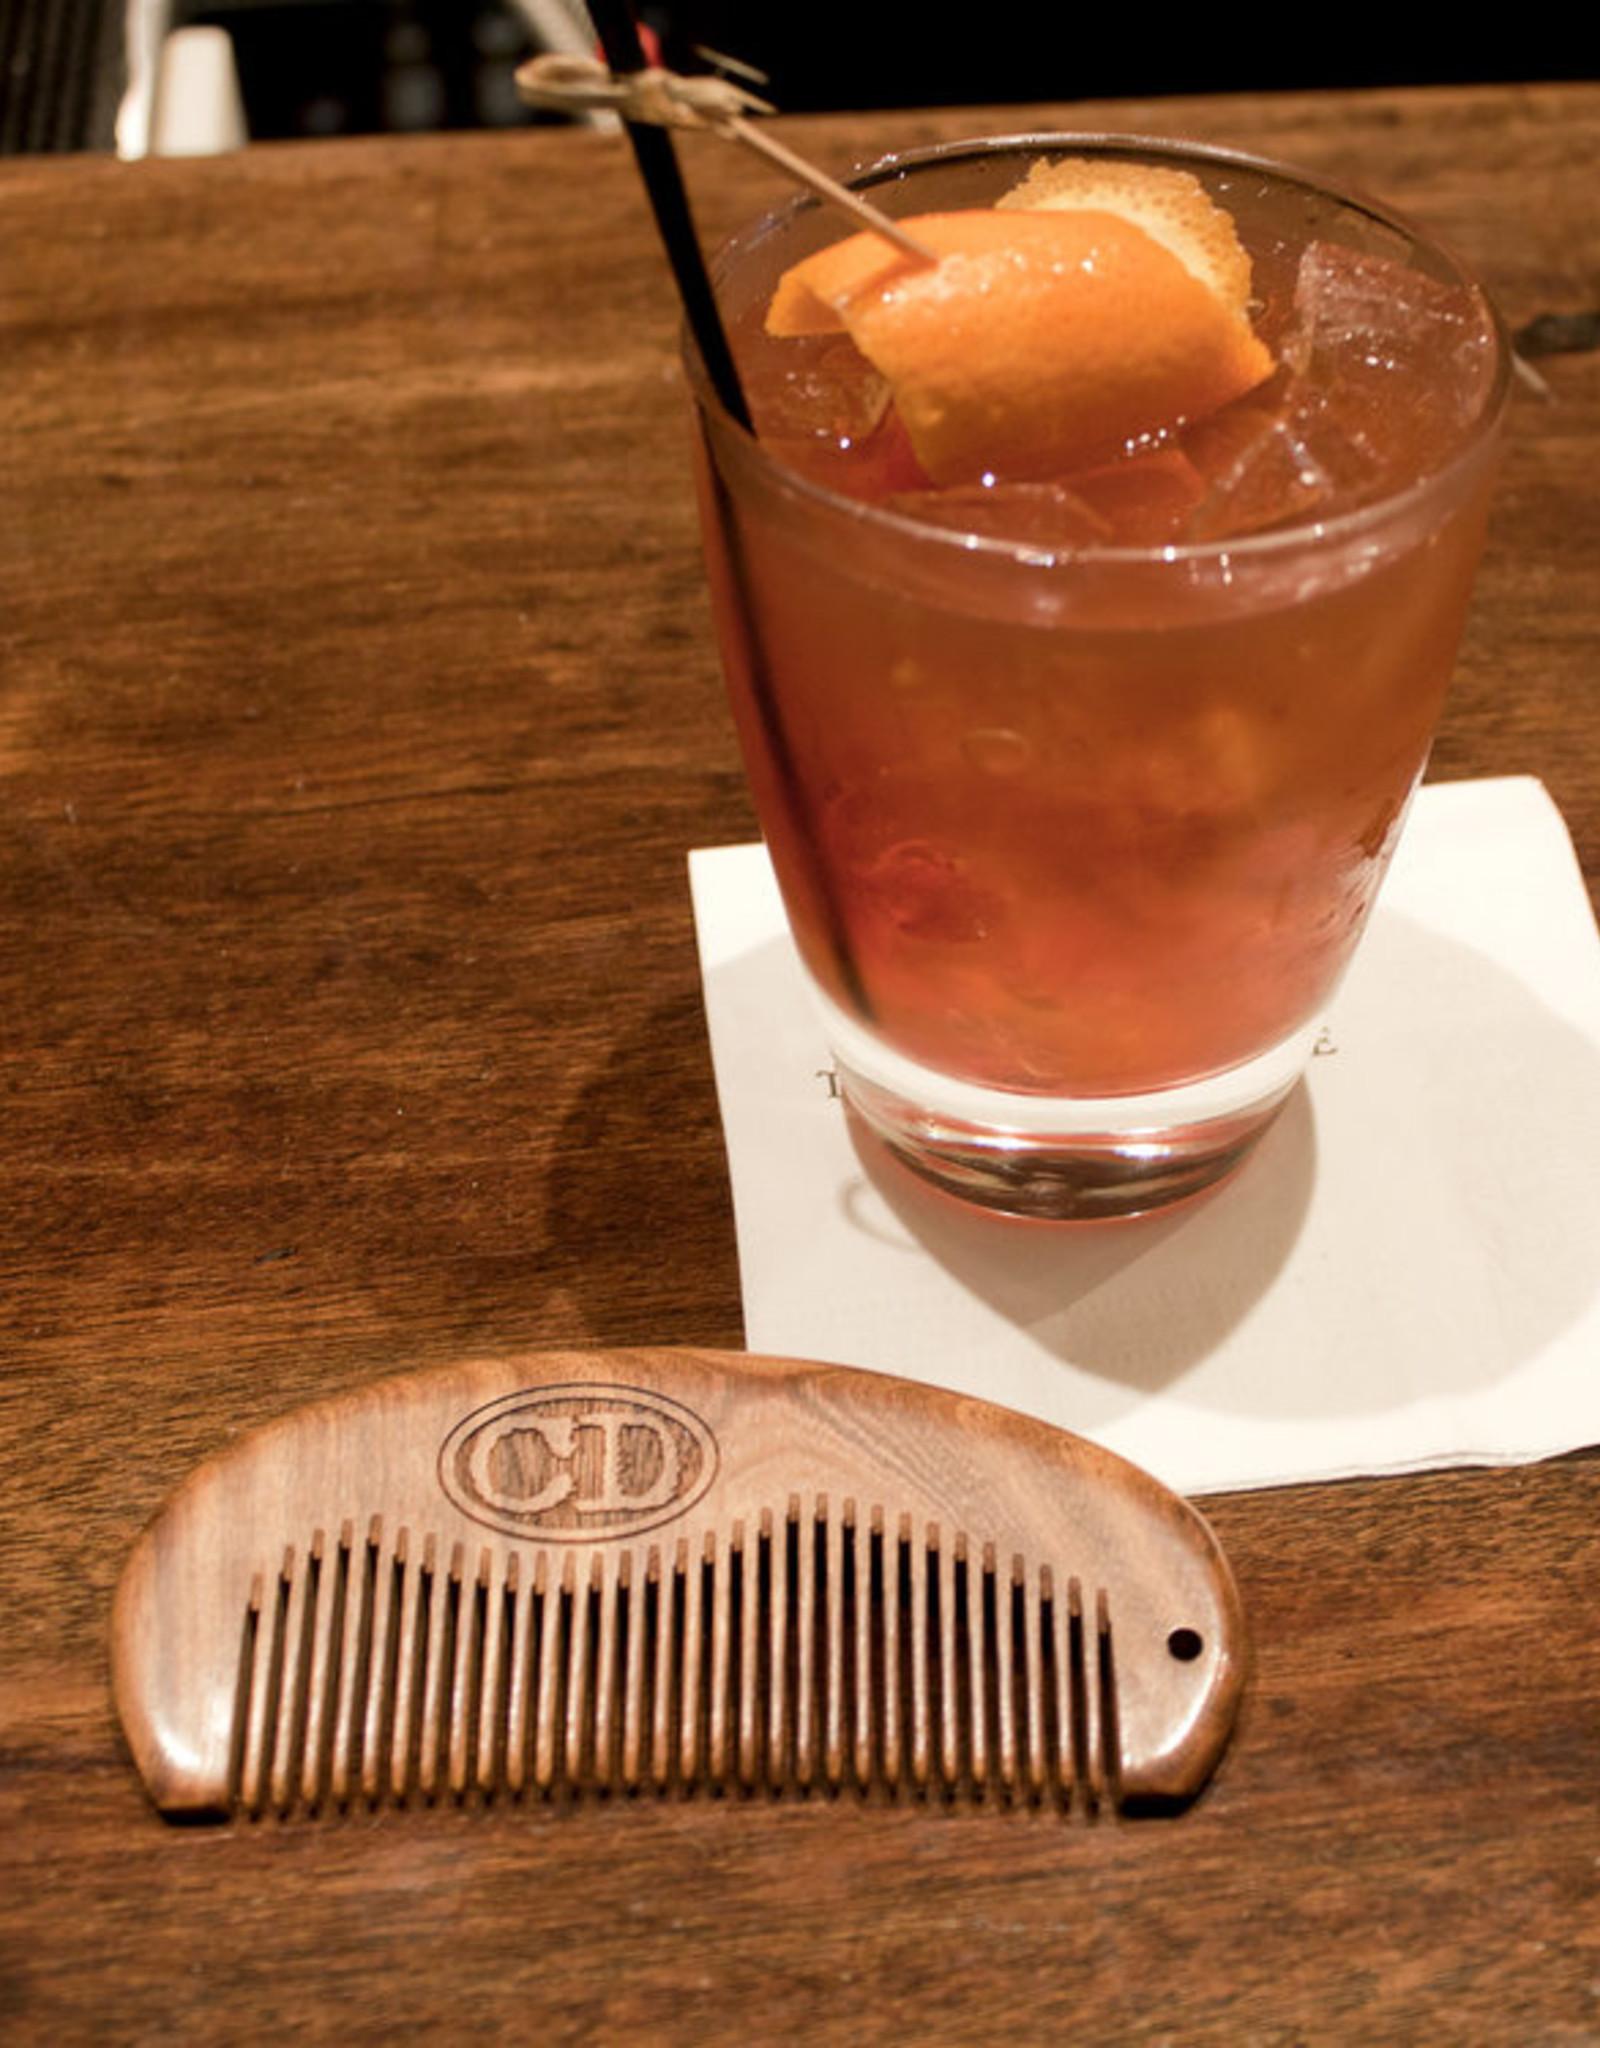 CD Beard Comb